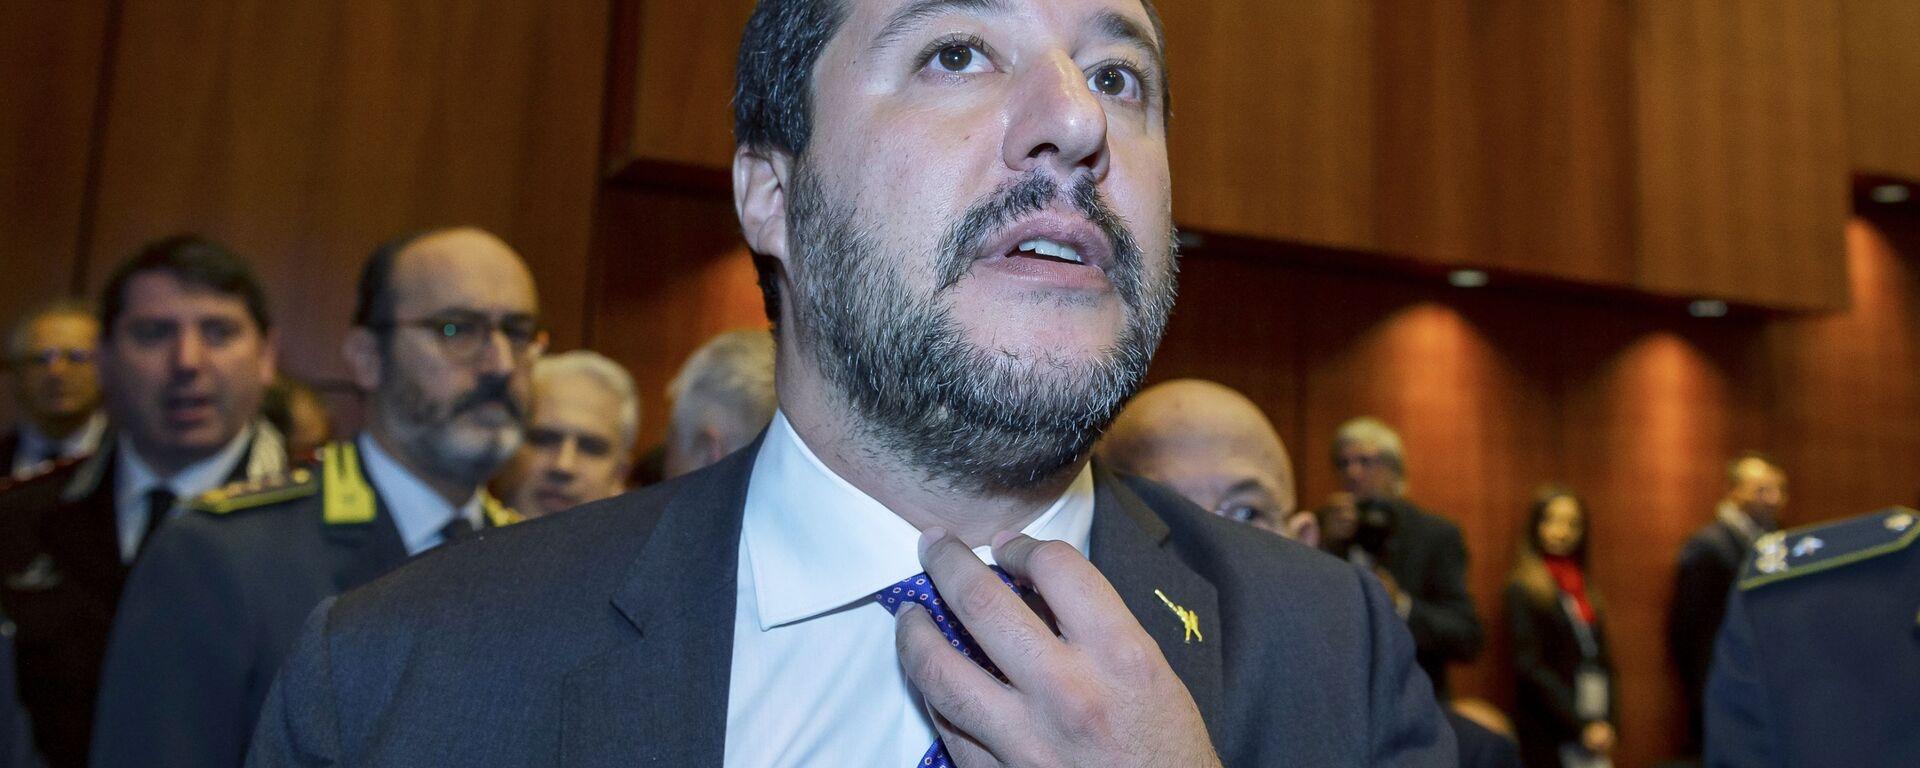 Matteo Salvini - Sputnik Italia, 1920, 22.07.2021